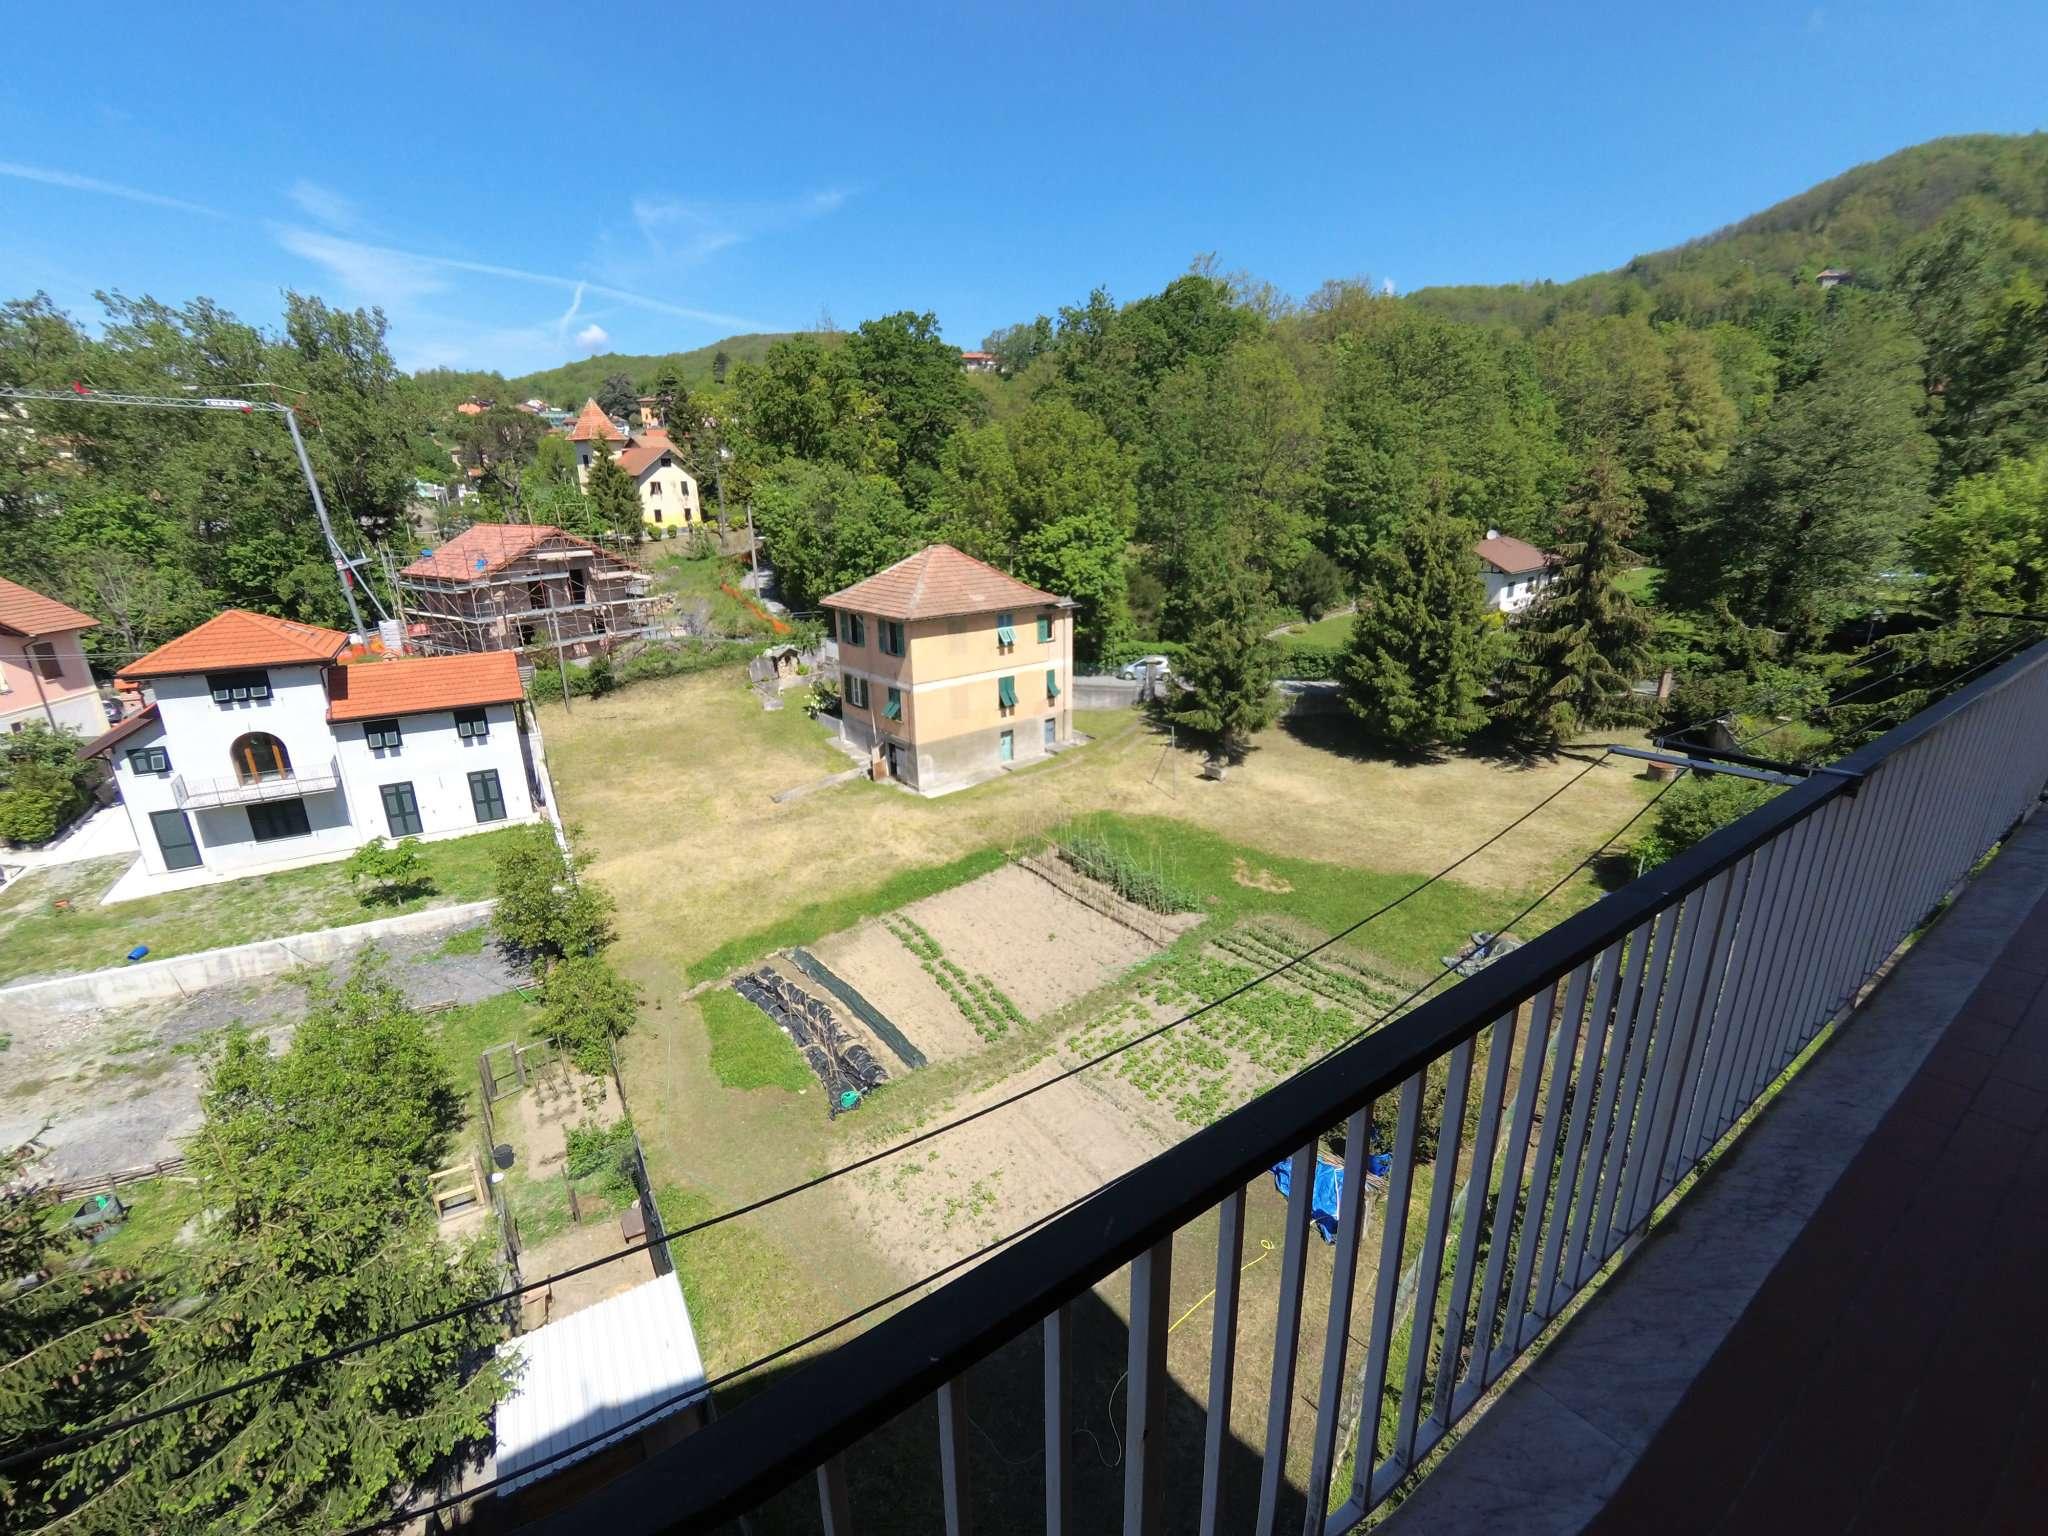 Appartamento in vendita a Busalla, 3 locali, prezzo € 40.000 | CambioCasa.it